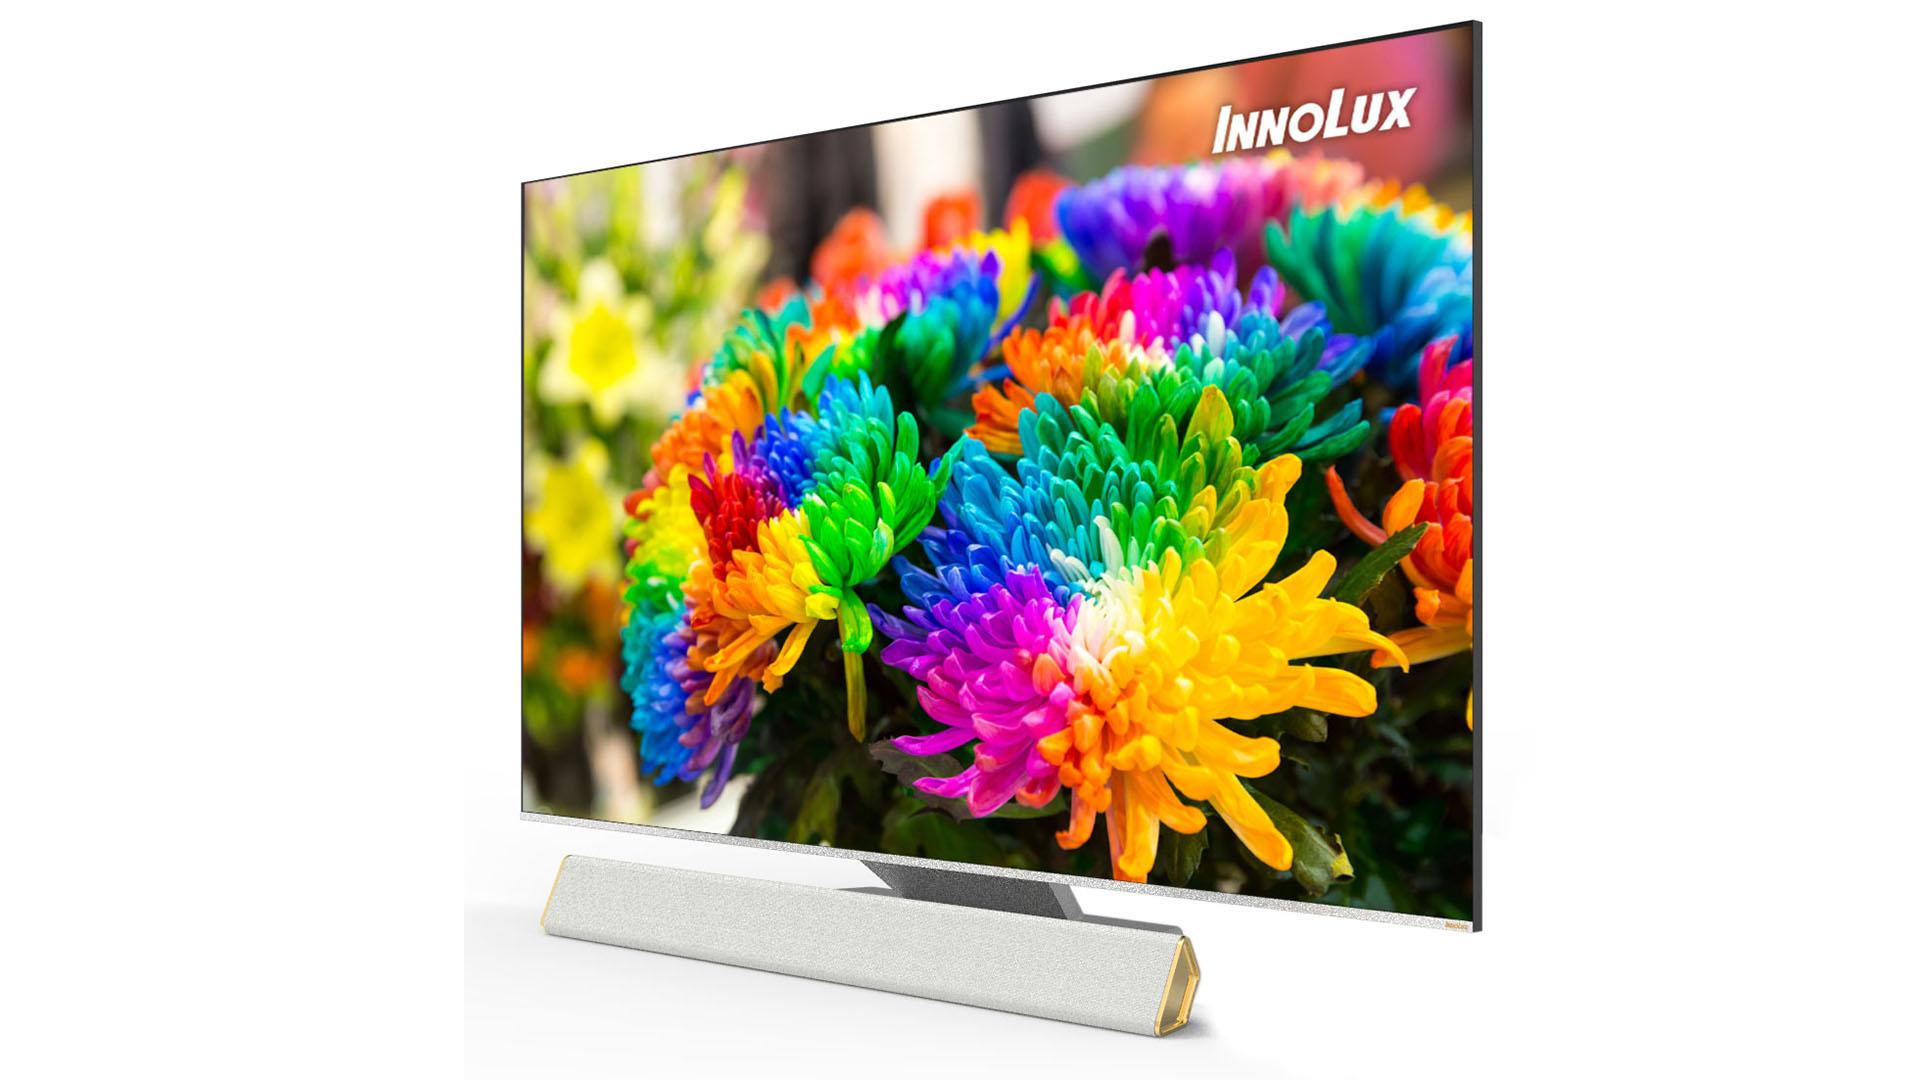 65吋高螢幕佔比多分區薄型化電視